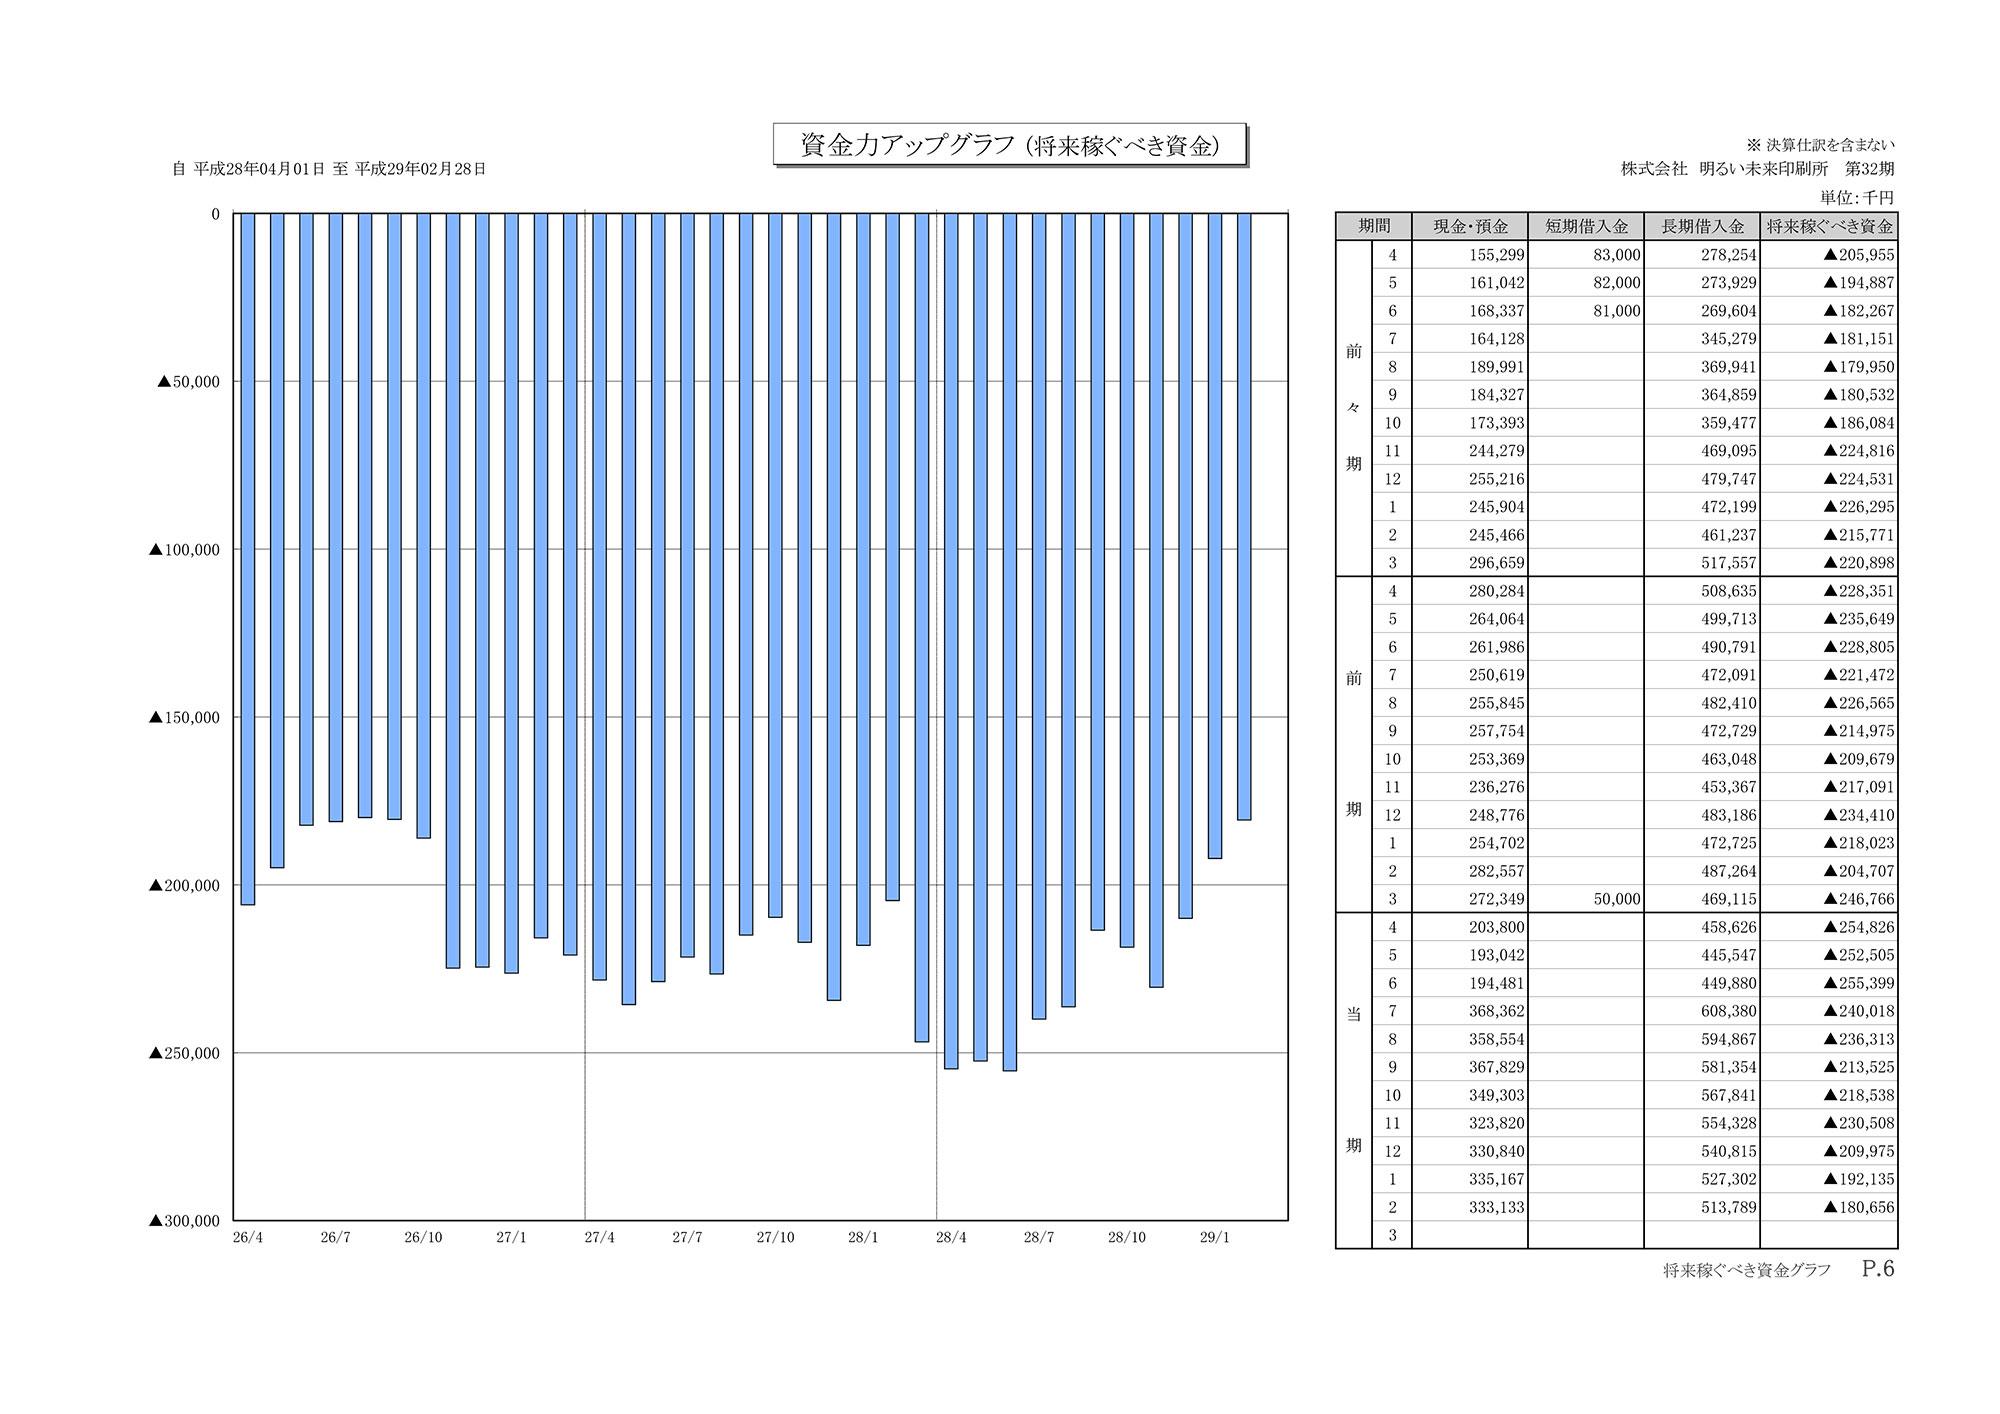 資金力アップグラフ(将来稼ぐべき資金)